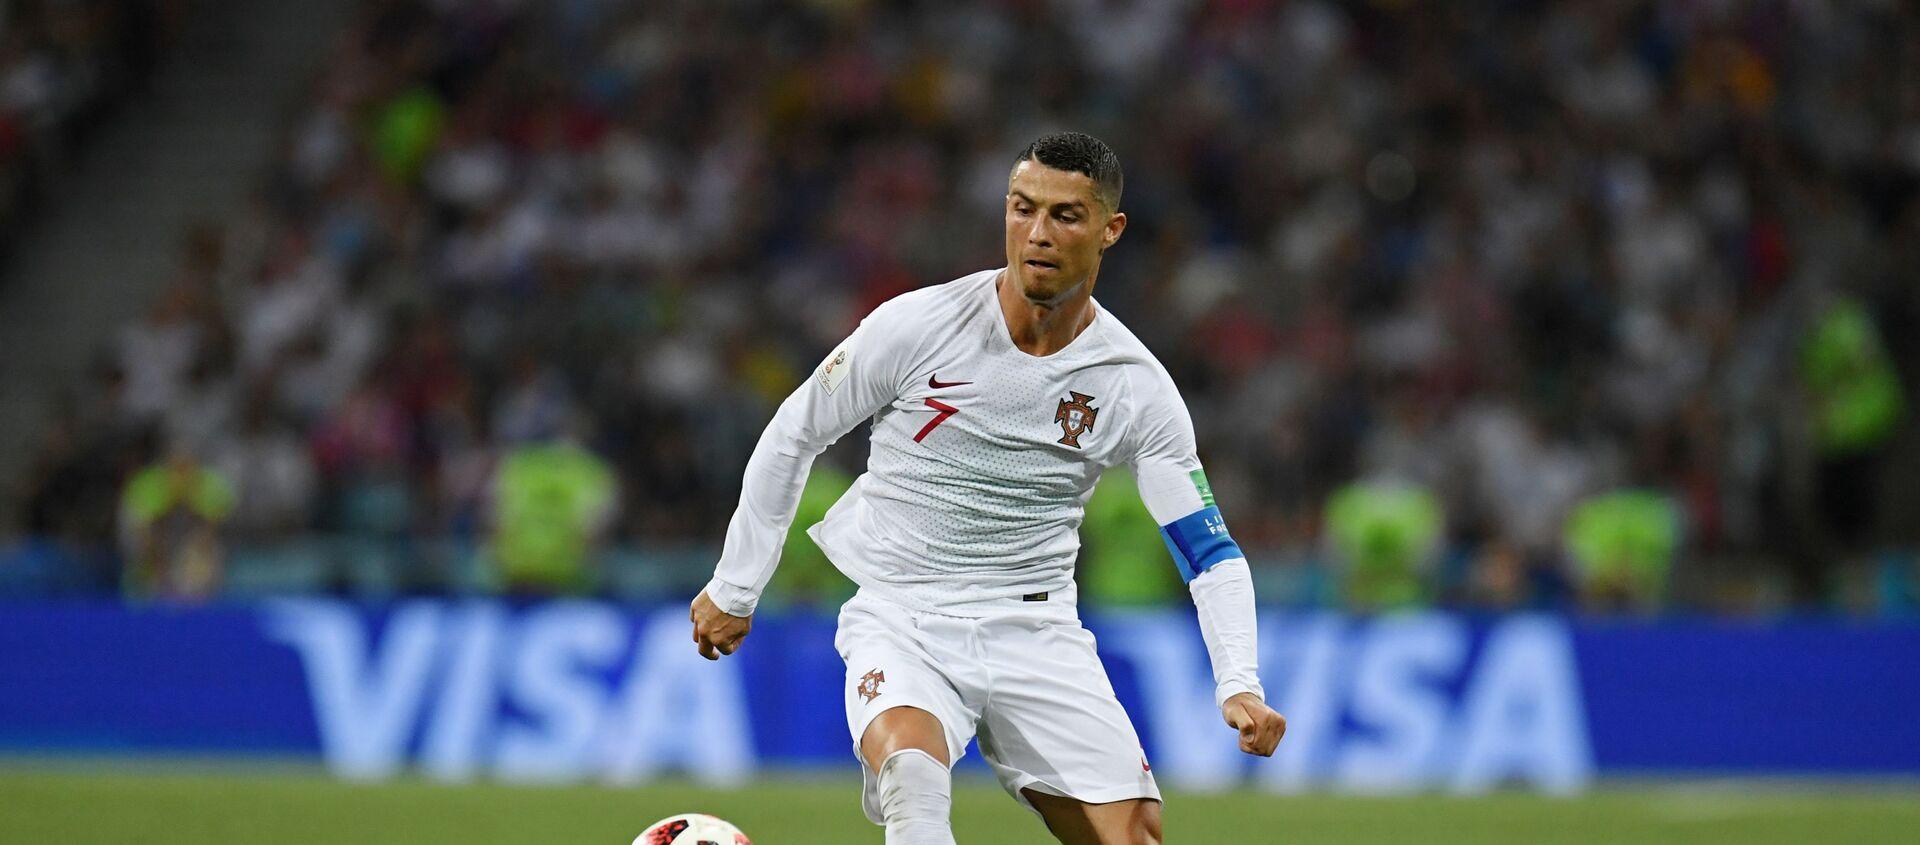 Tiền đạo Bồ Đào Nha Cristiano Ronaldo. - Sputnik Việt Nam, 1920, 14.06.2021